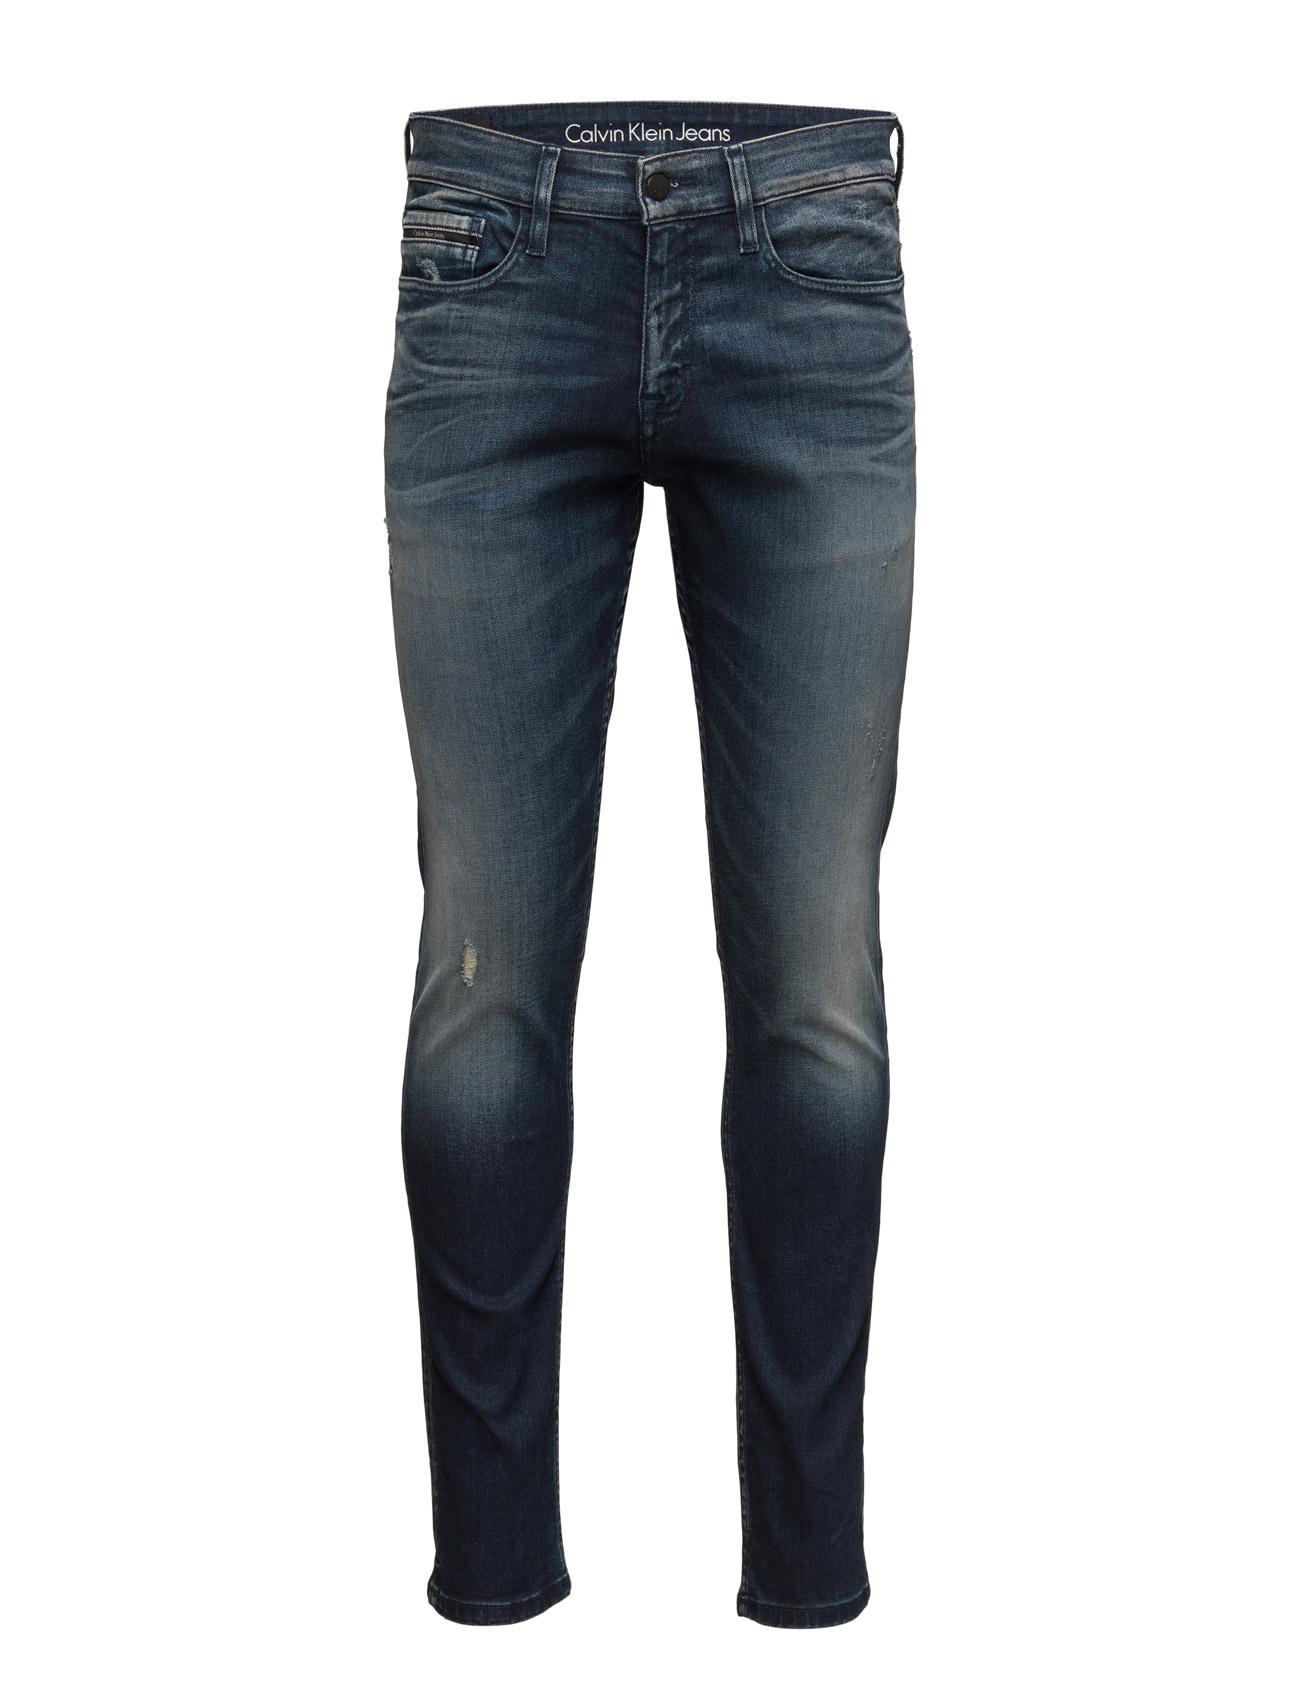 Skinny - Chalk Board Calvin Klein Jeans Skinny til Mænd i